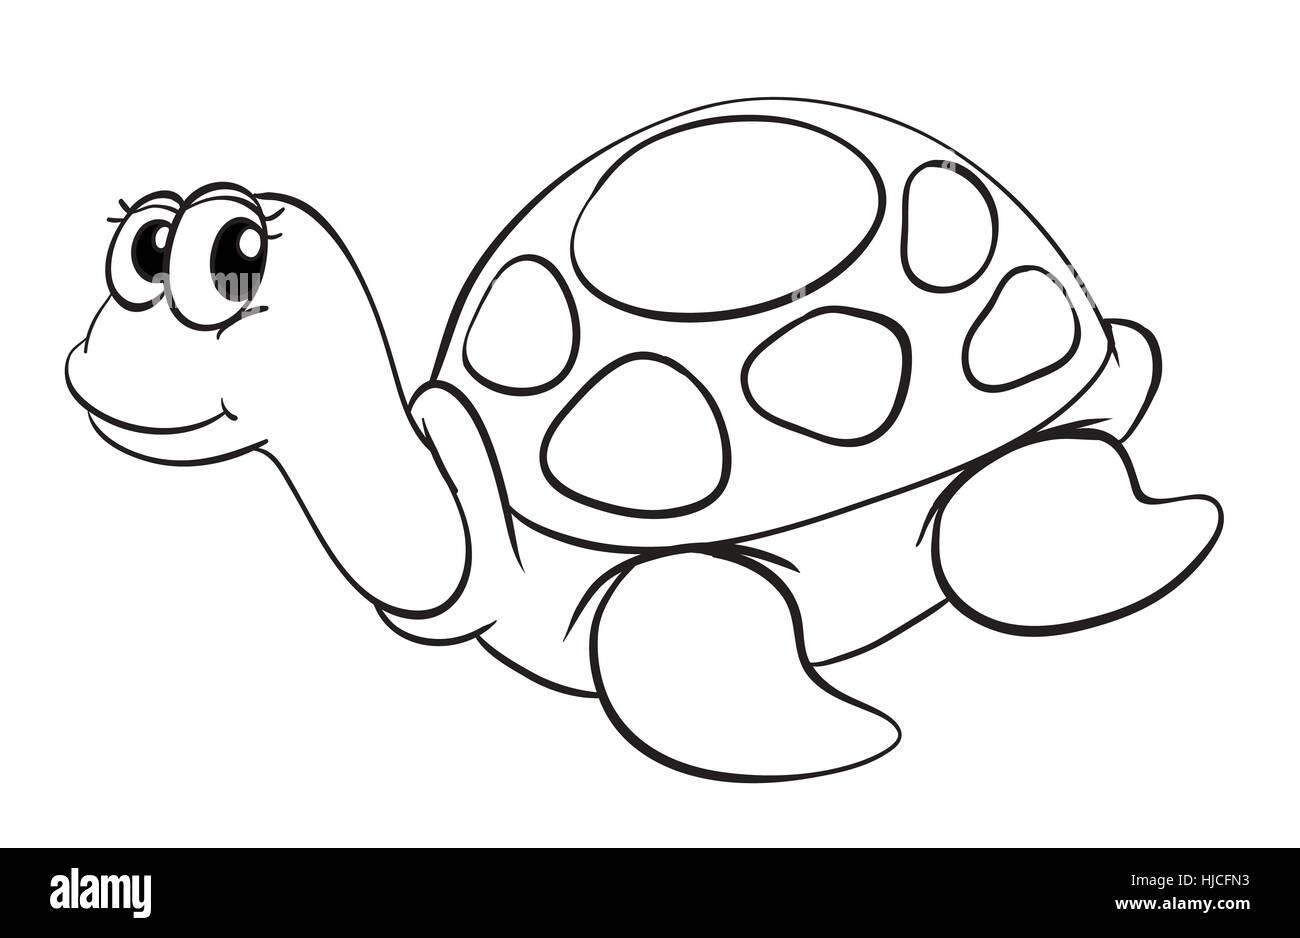 https www alamyimages fr photo image illustration d un dessin de tortue sur fond blanc 131812159 html